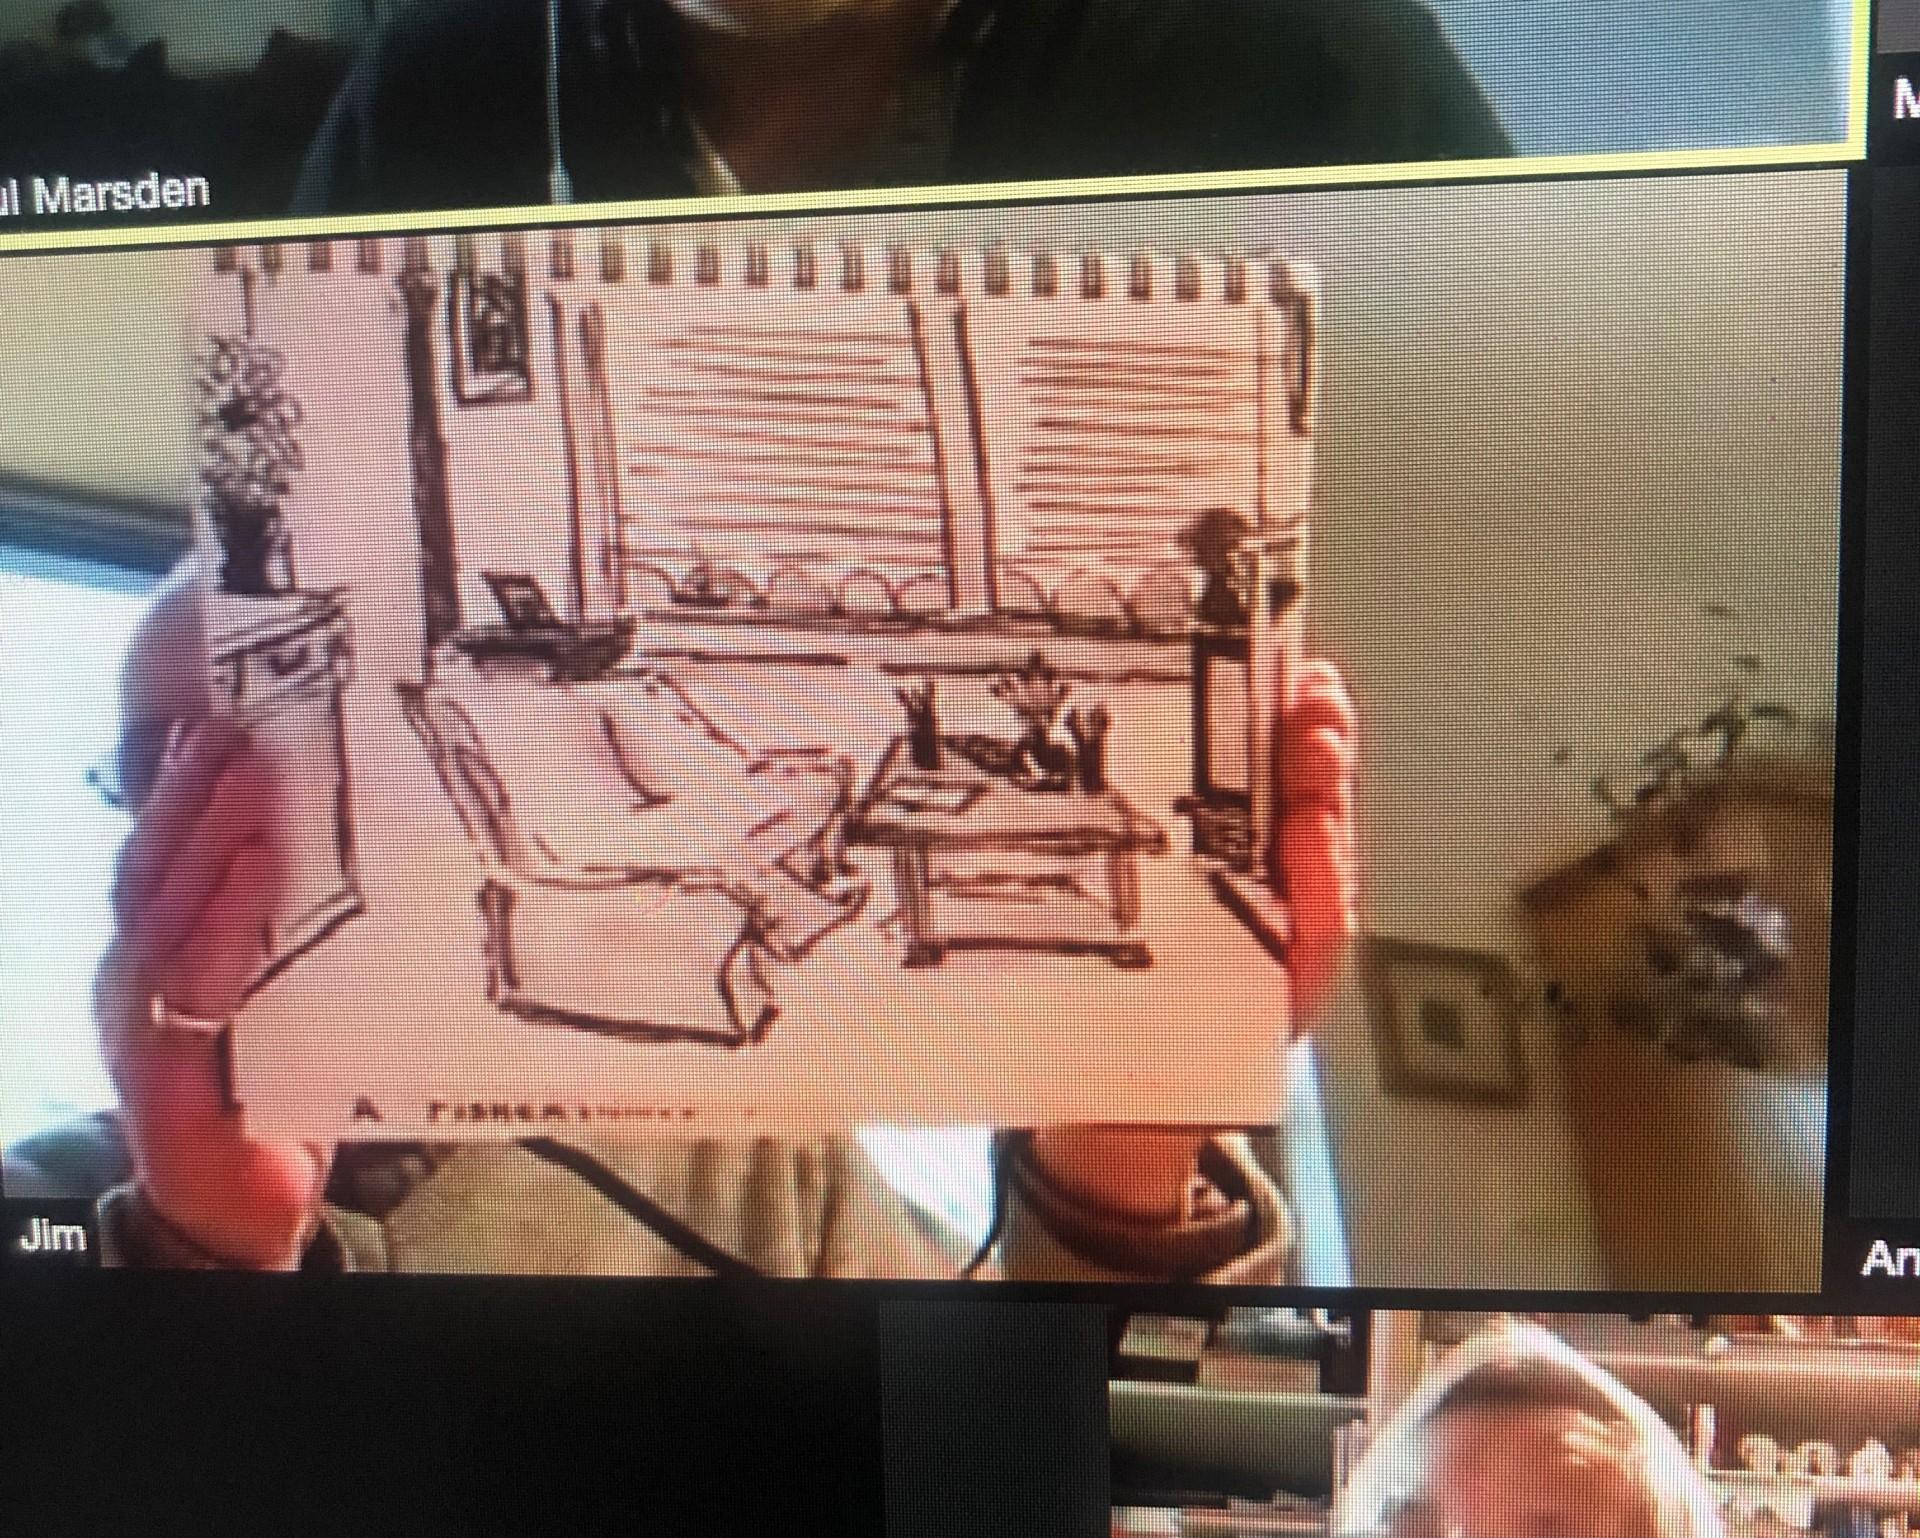 Art Factory: Online Art Group